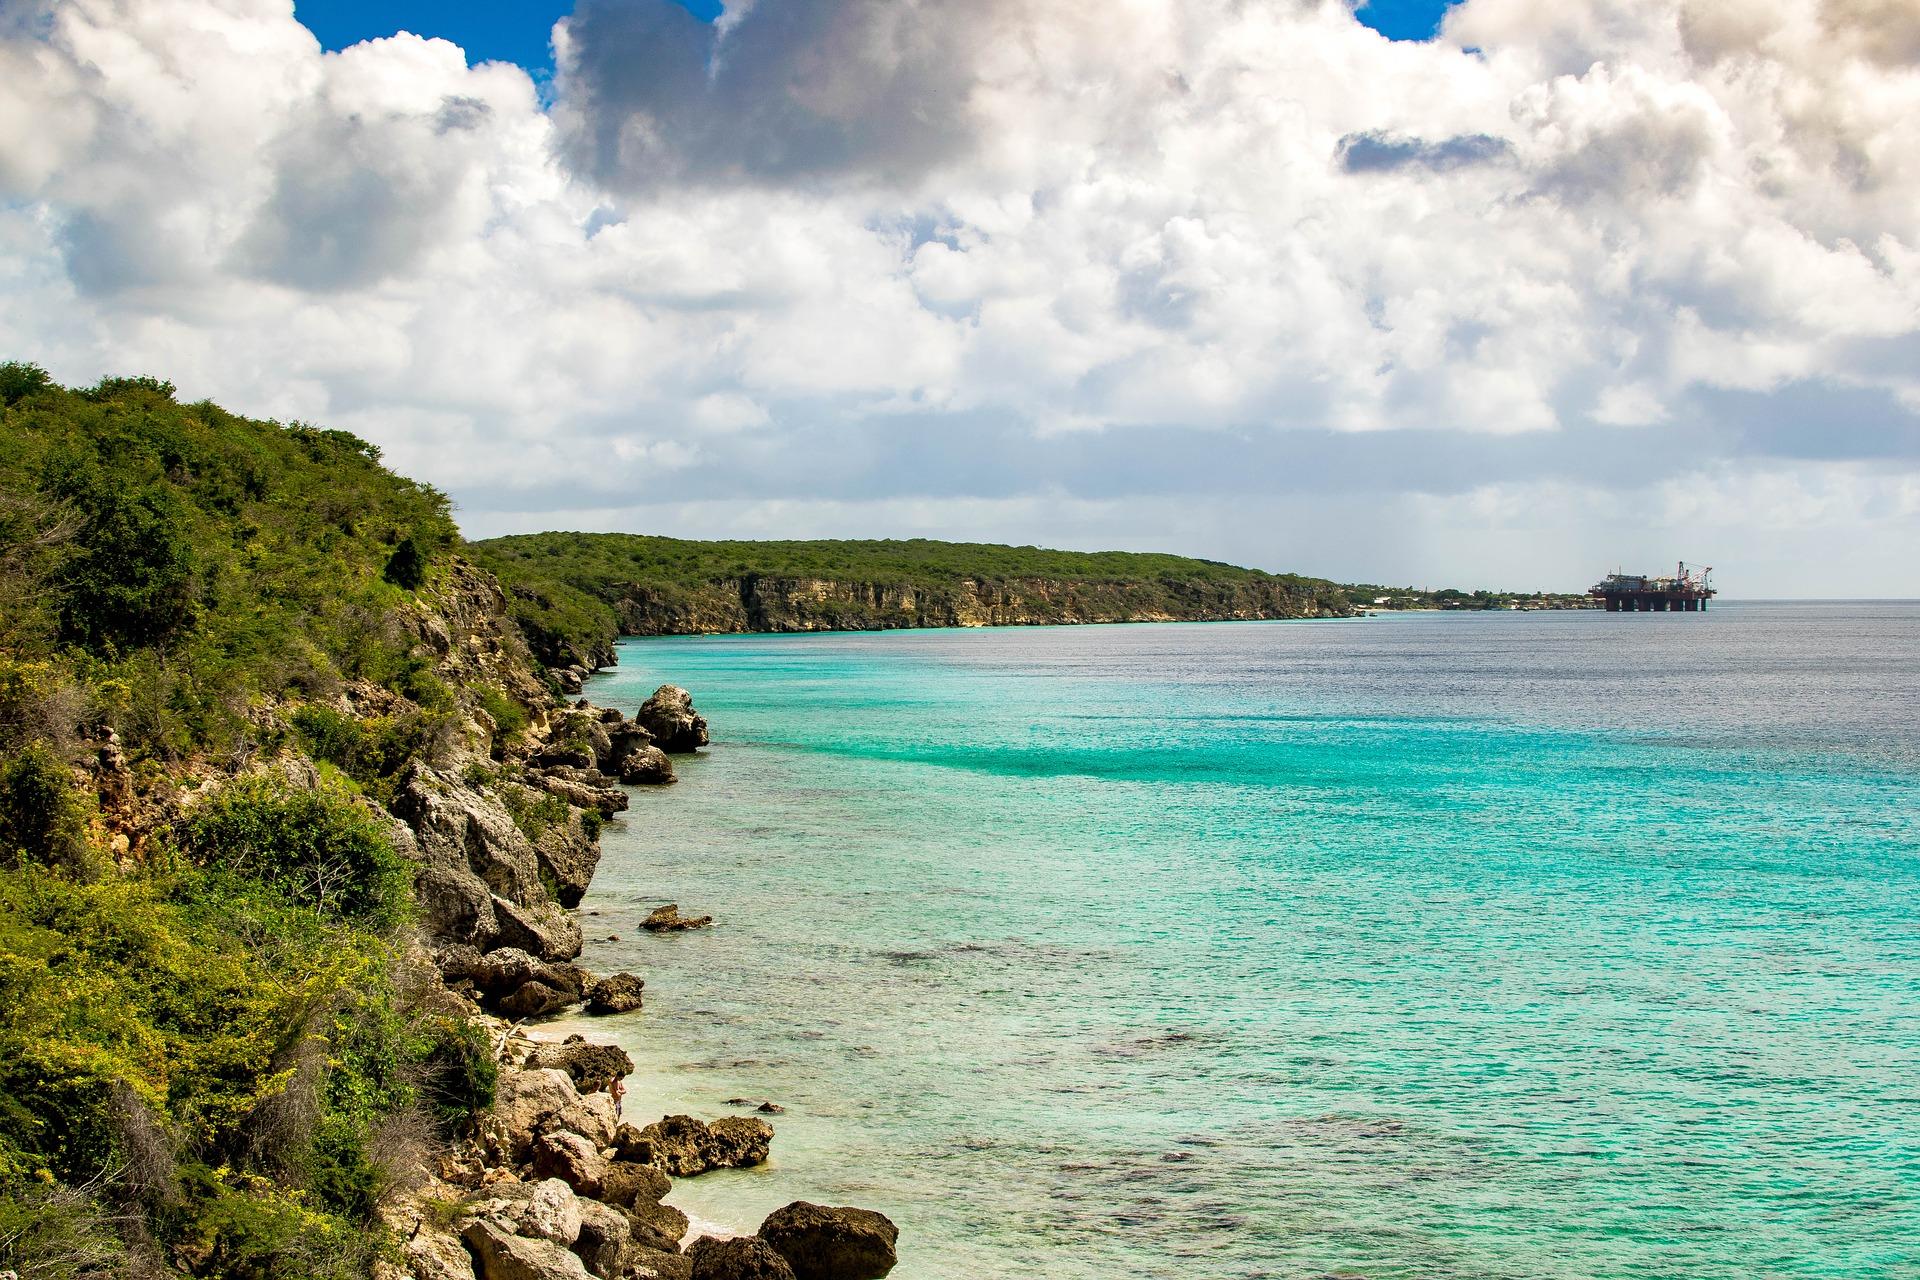 Karibik Urlaub Curacao eine Woche günstig ab 699,15€ - Westpunt Küste